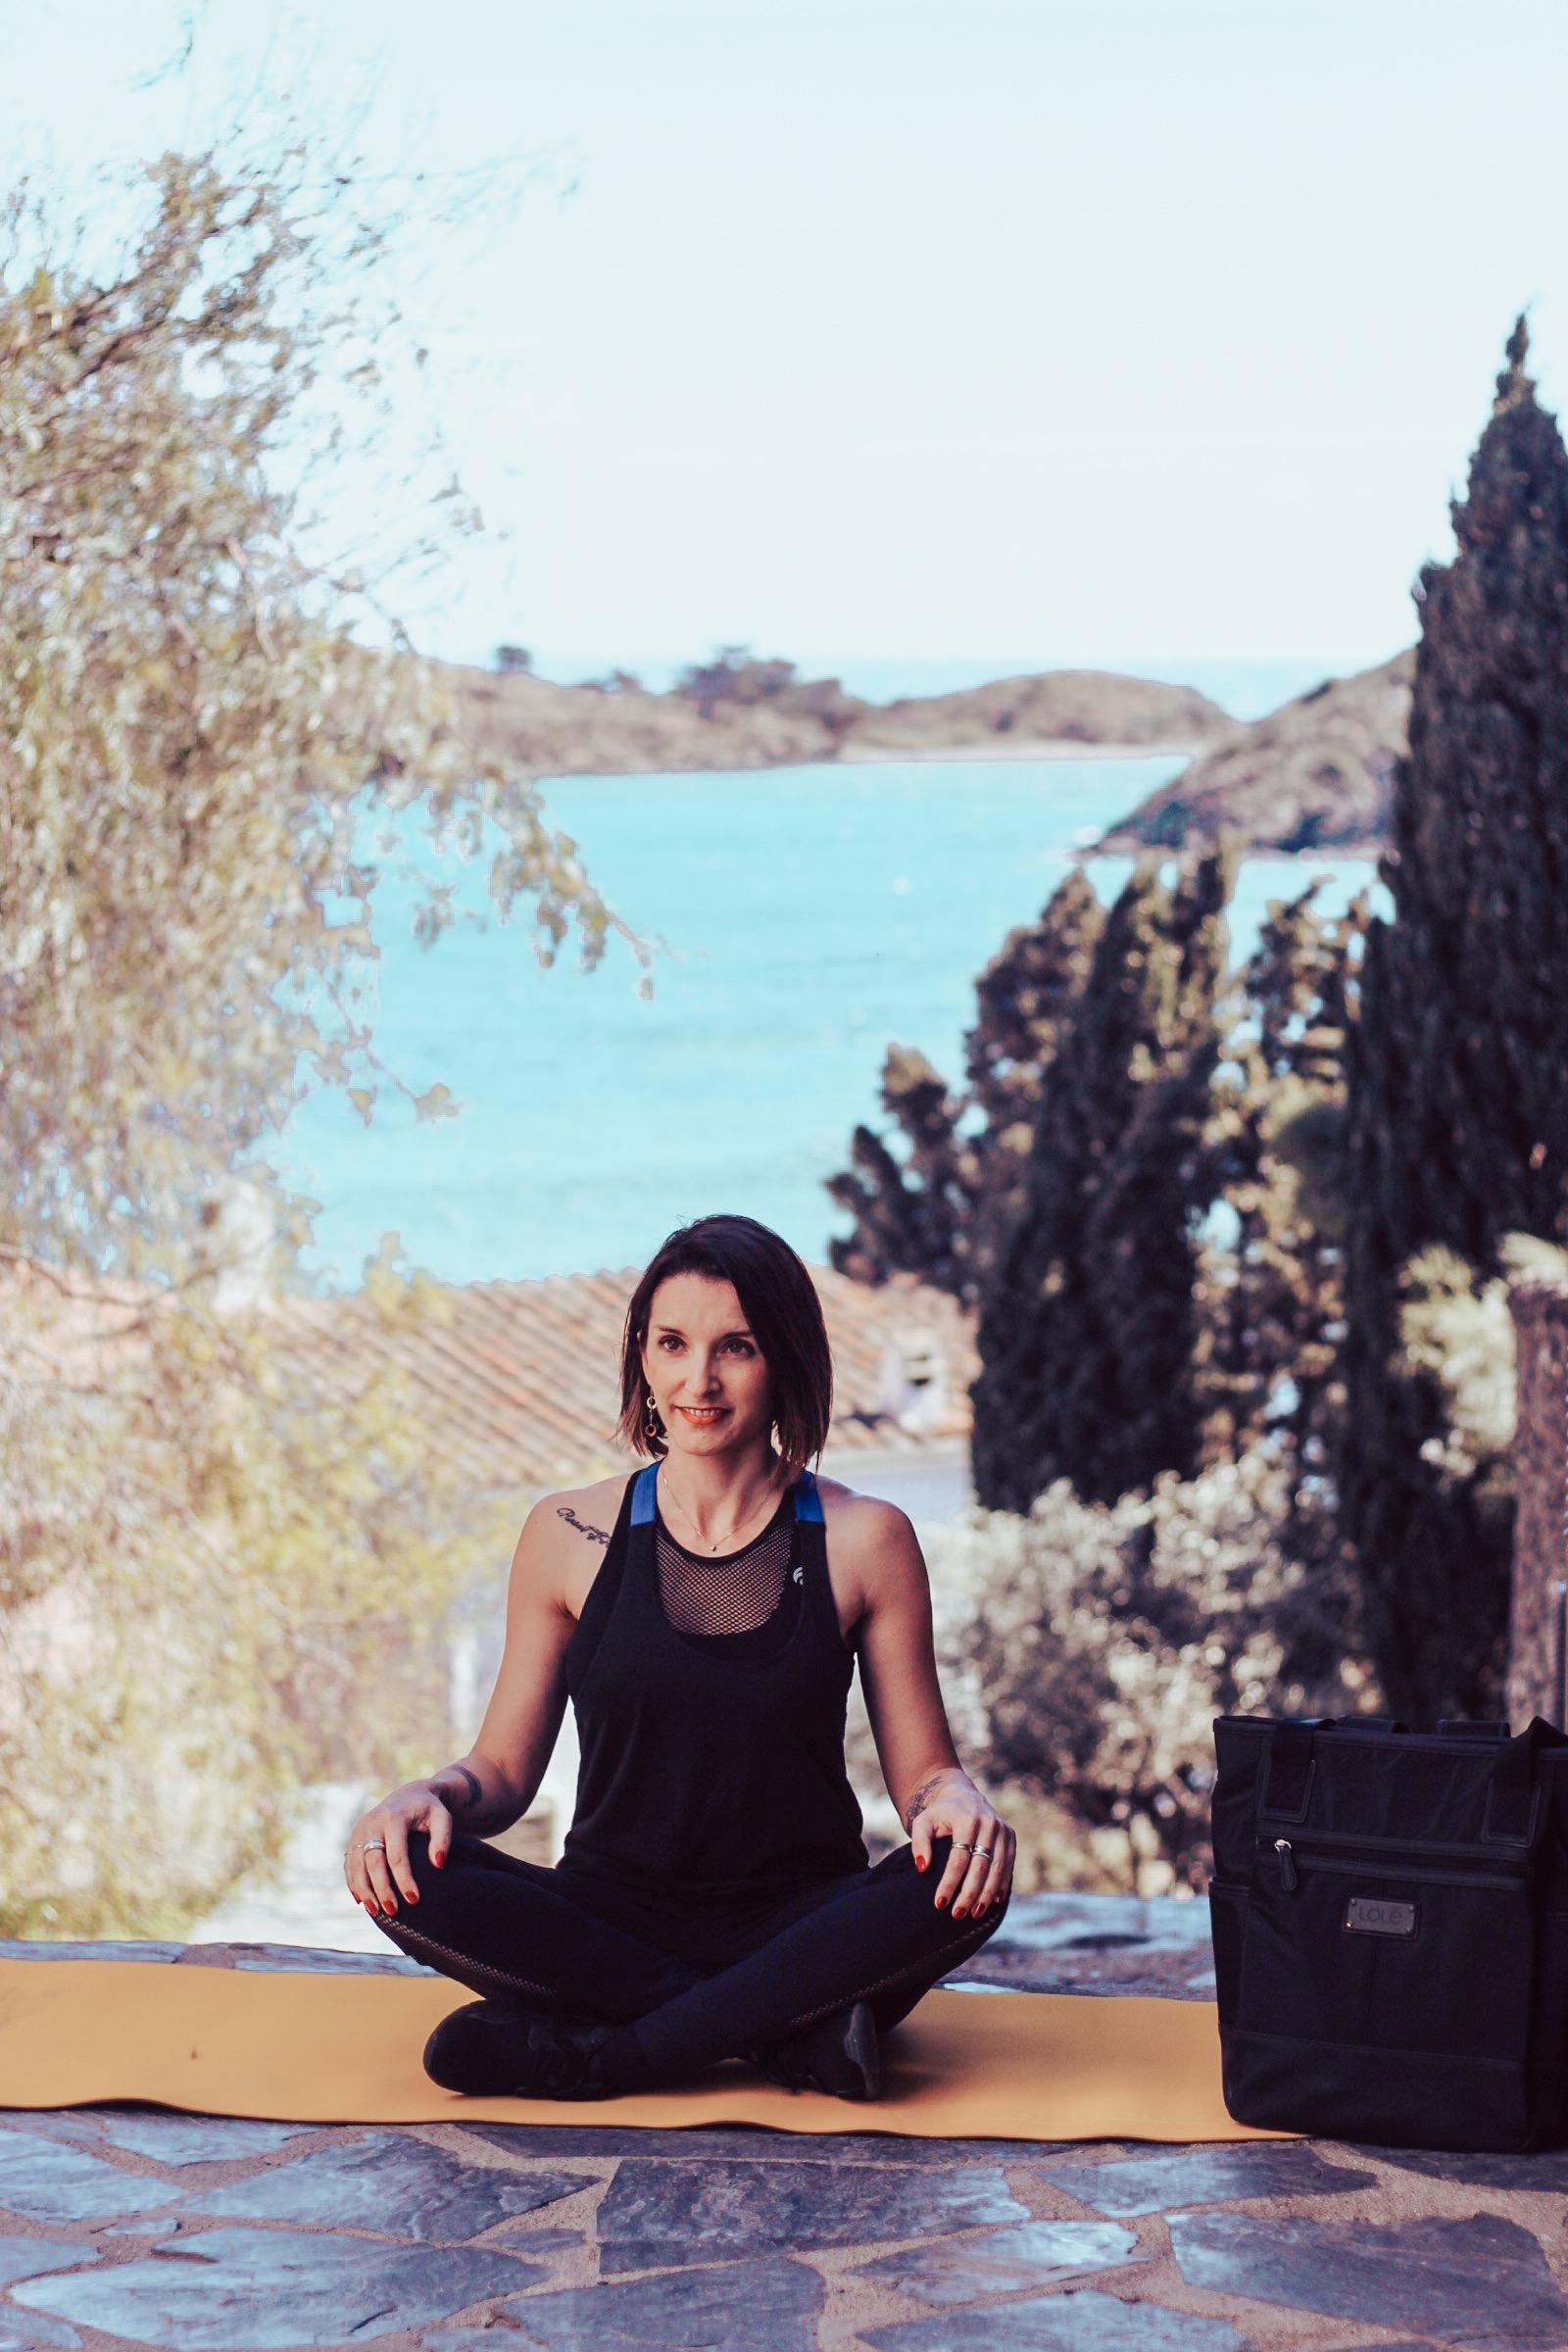 Yoga et méditation, les bienfaits ne sont plus à prouver. Sérénité, détente, bien être mais aussi renforcement musculaire, ces deux activités nous aident à nous sentir mieux au quotidien.